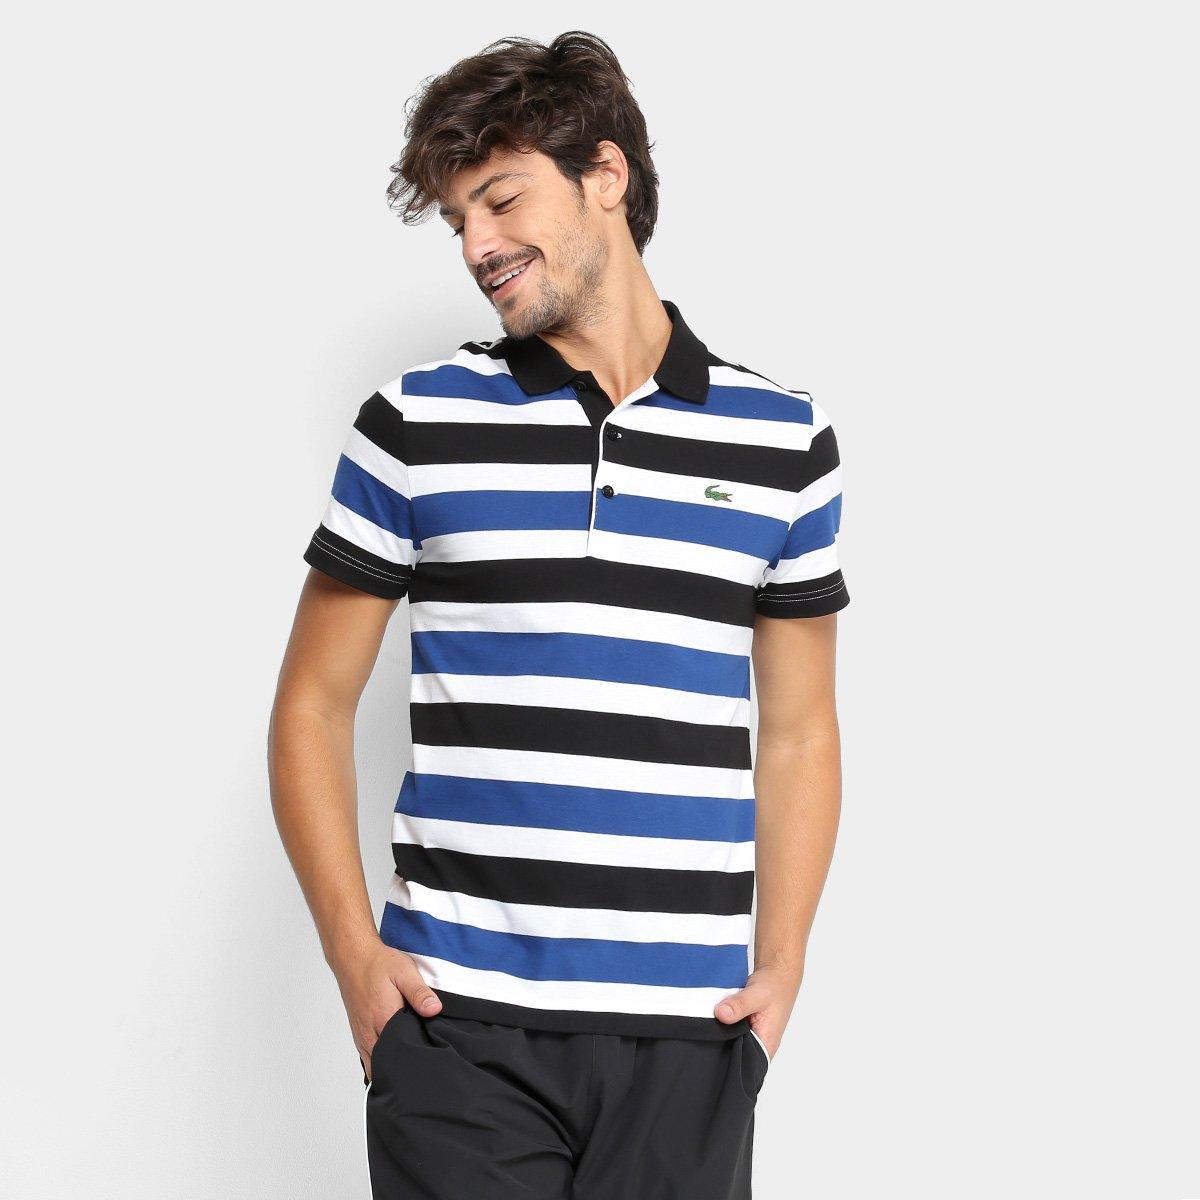 2798841e2 Camisa Polo Lacoste Listrada Masculina - Compre Agora